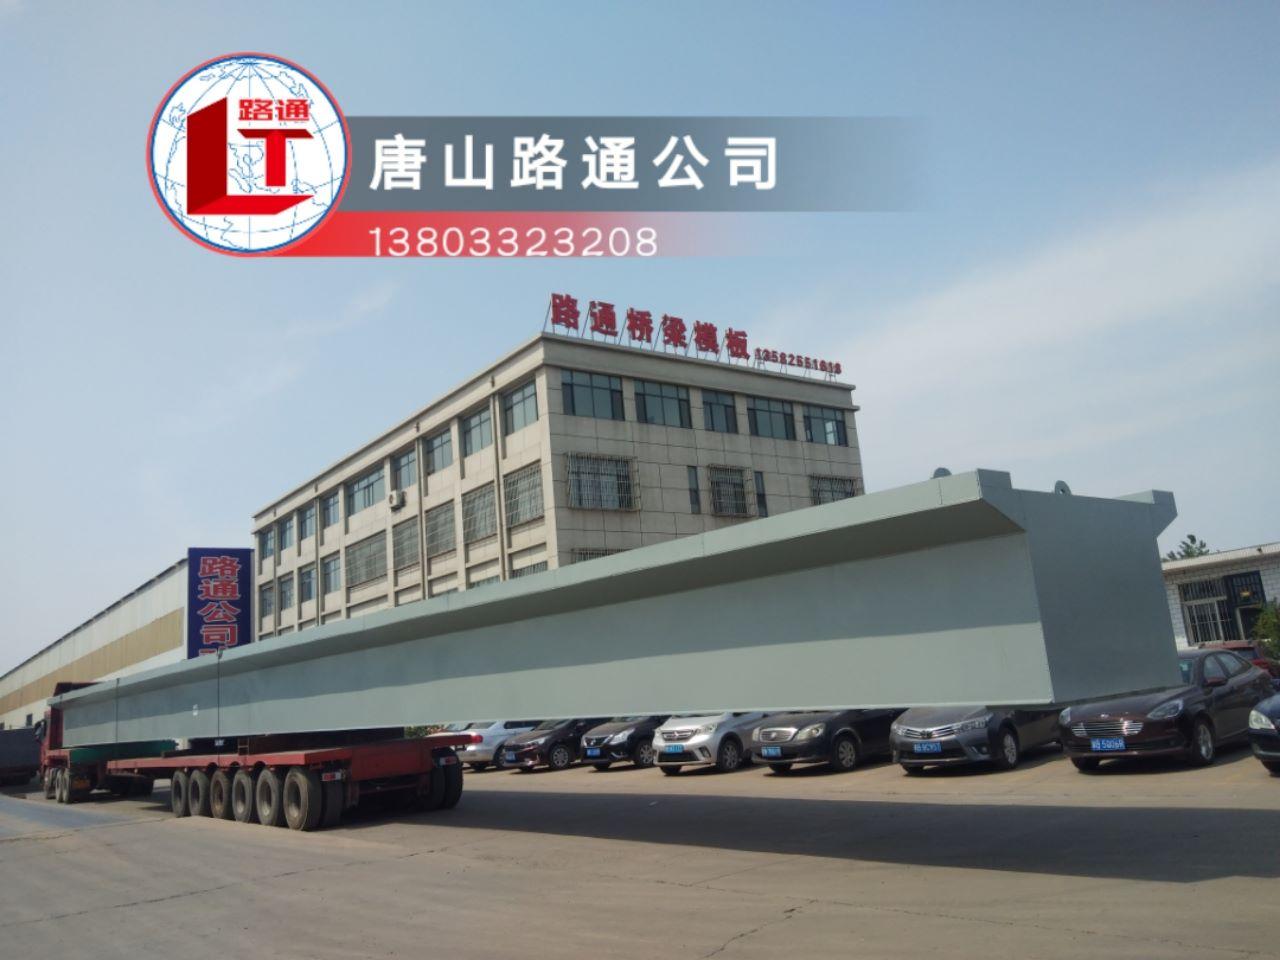 钢箱梁发货;钢结构发货;钢箱梁加工;钢结构制作厂家